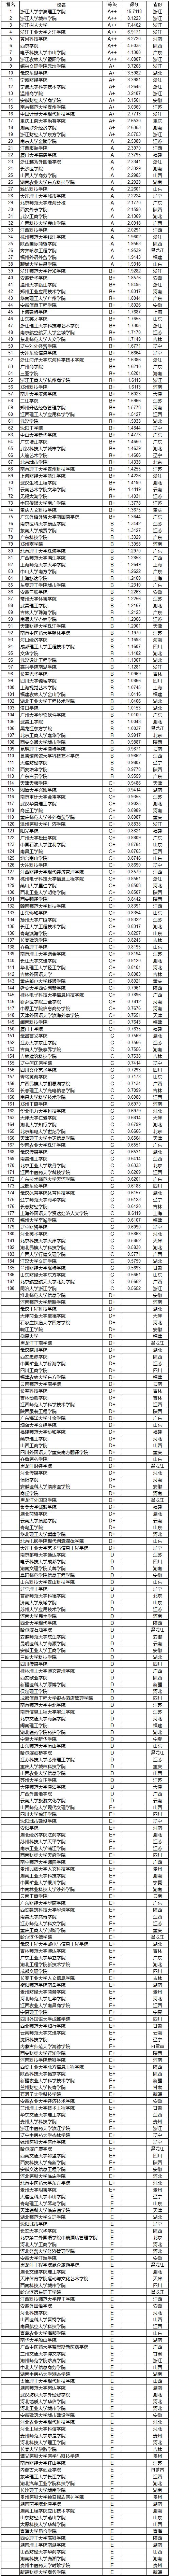 武书连2019中国民办大学和独立学院教师创新能力排行榜